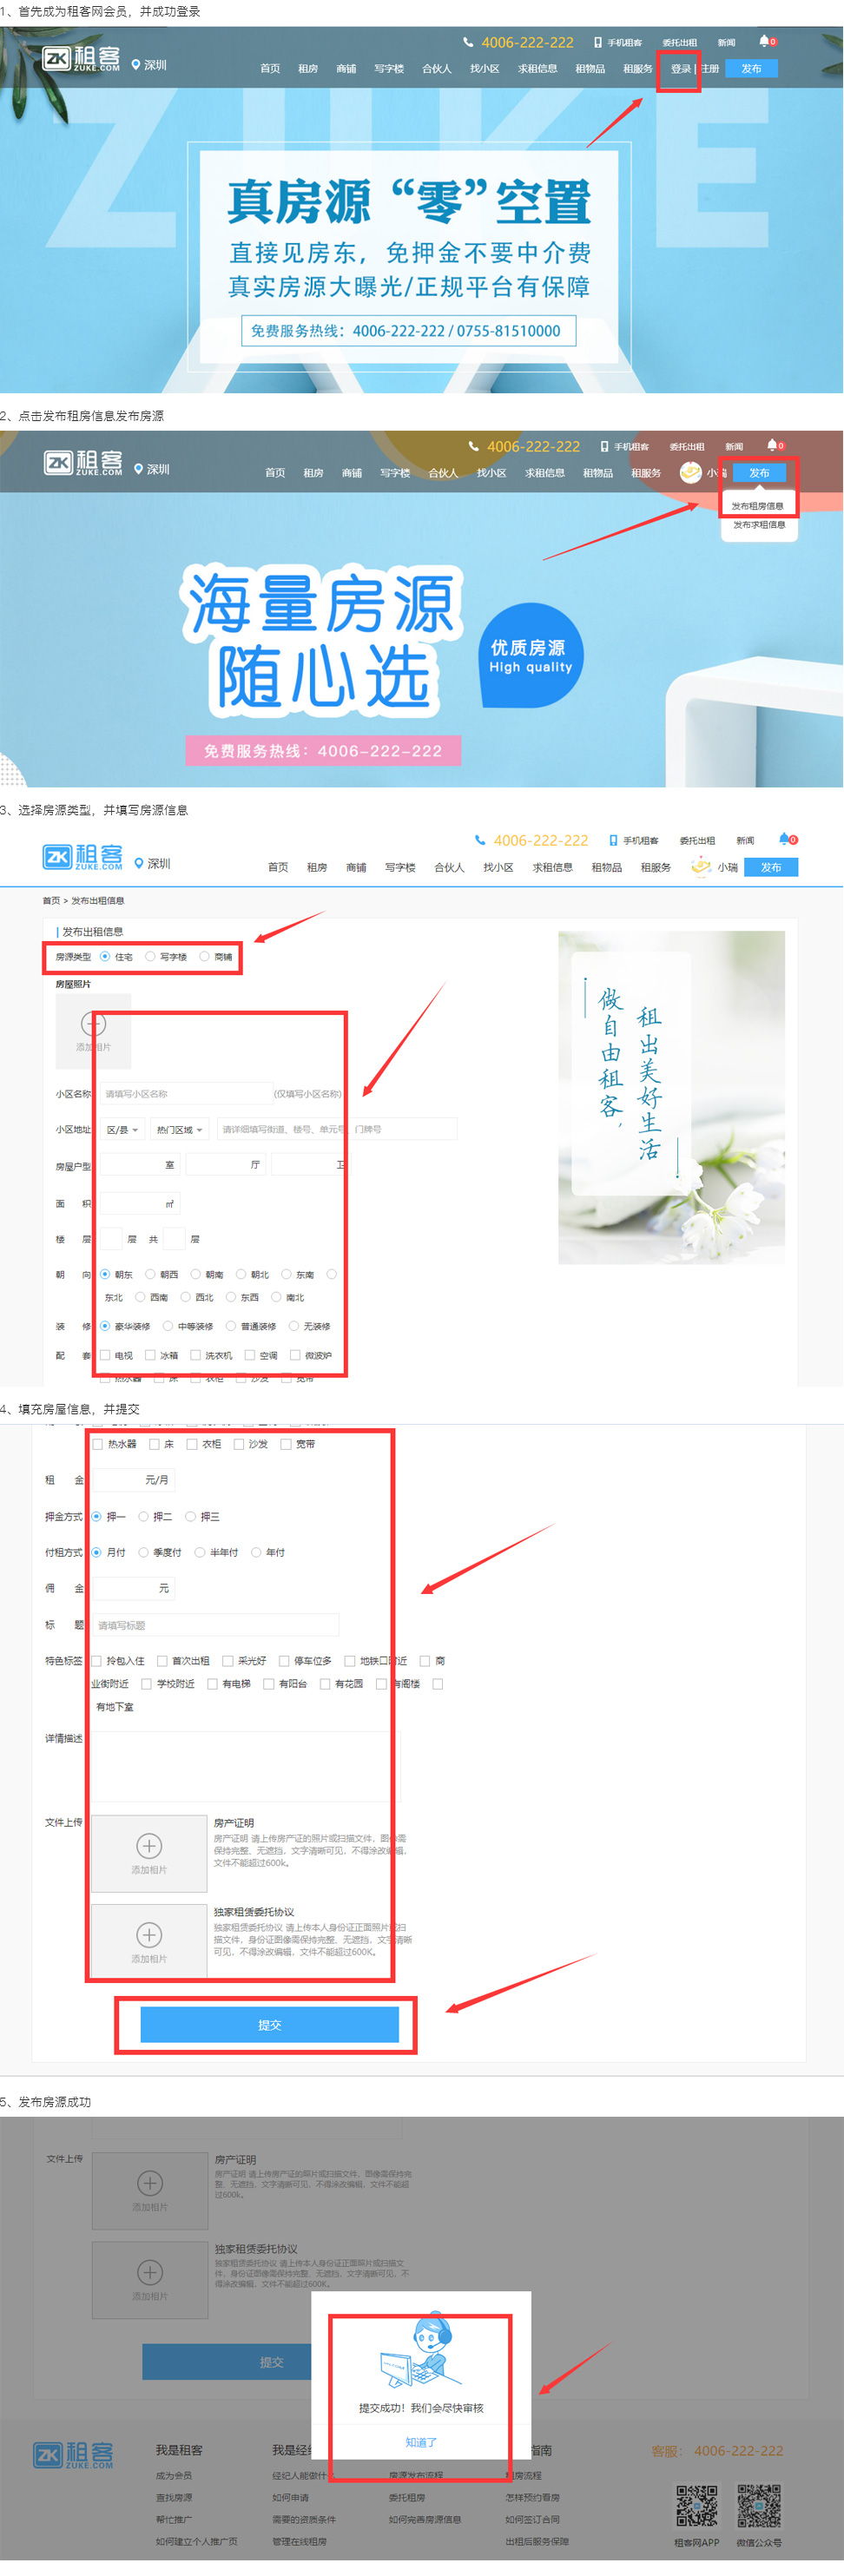 fangyuanfabuliucheng_pic.jpg